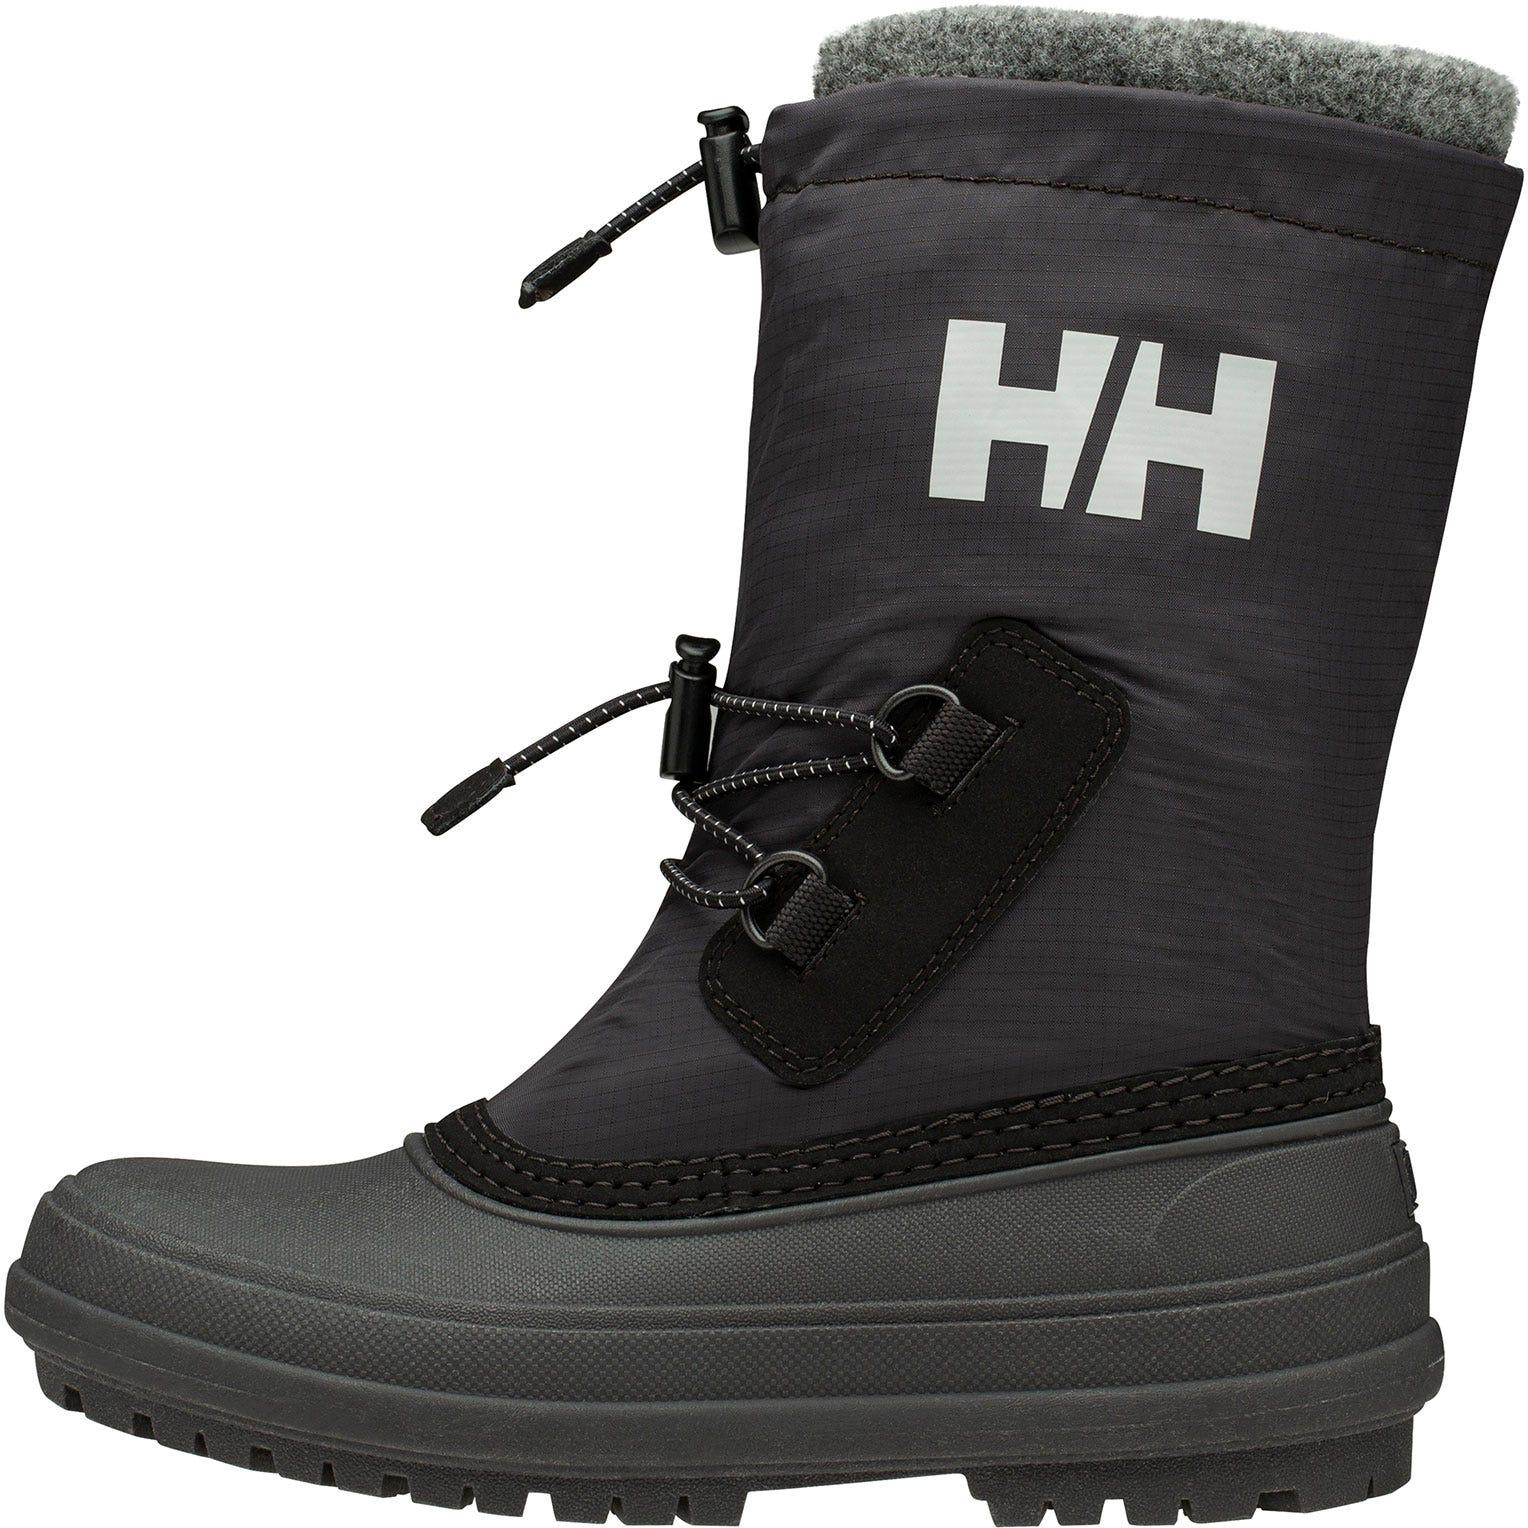 Helly Hansen Kids Varanger Insulated Boots Black US 7/EU 24